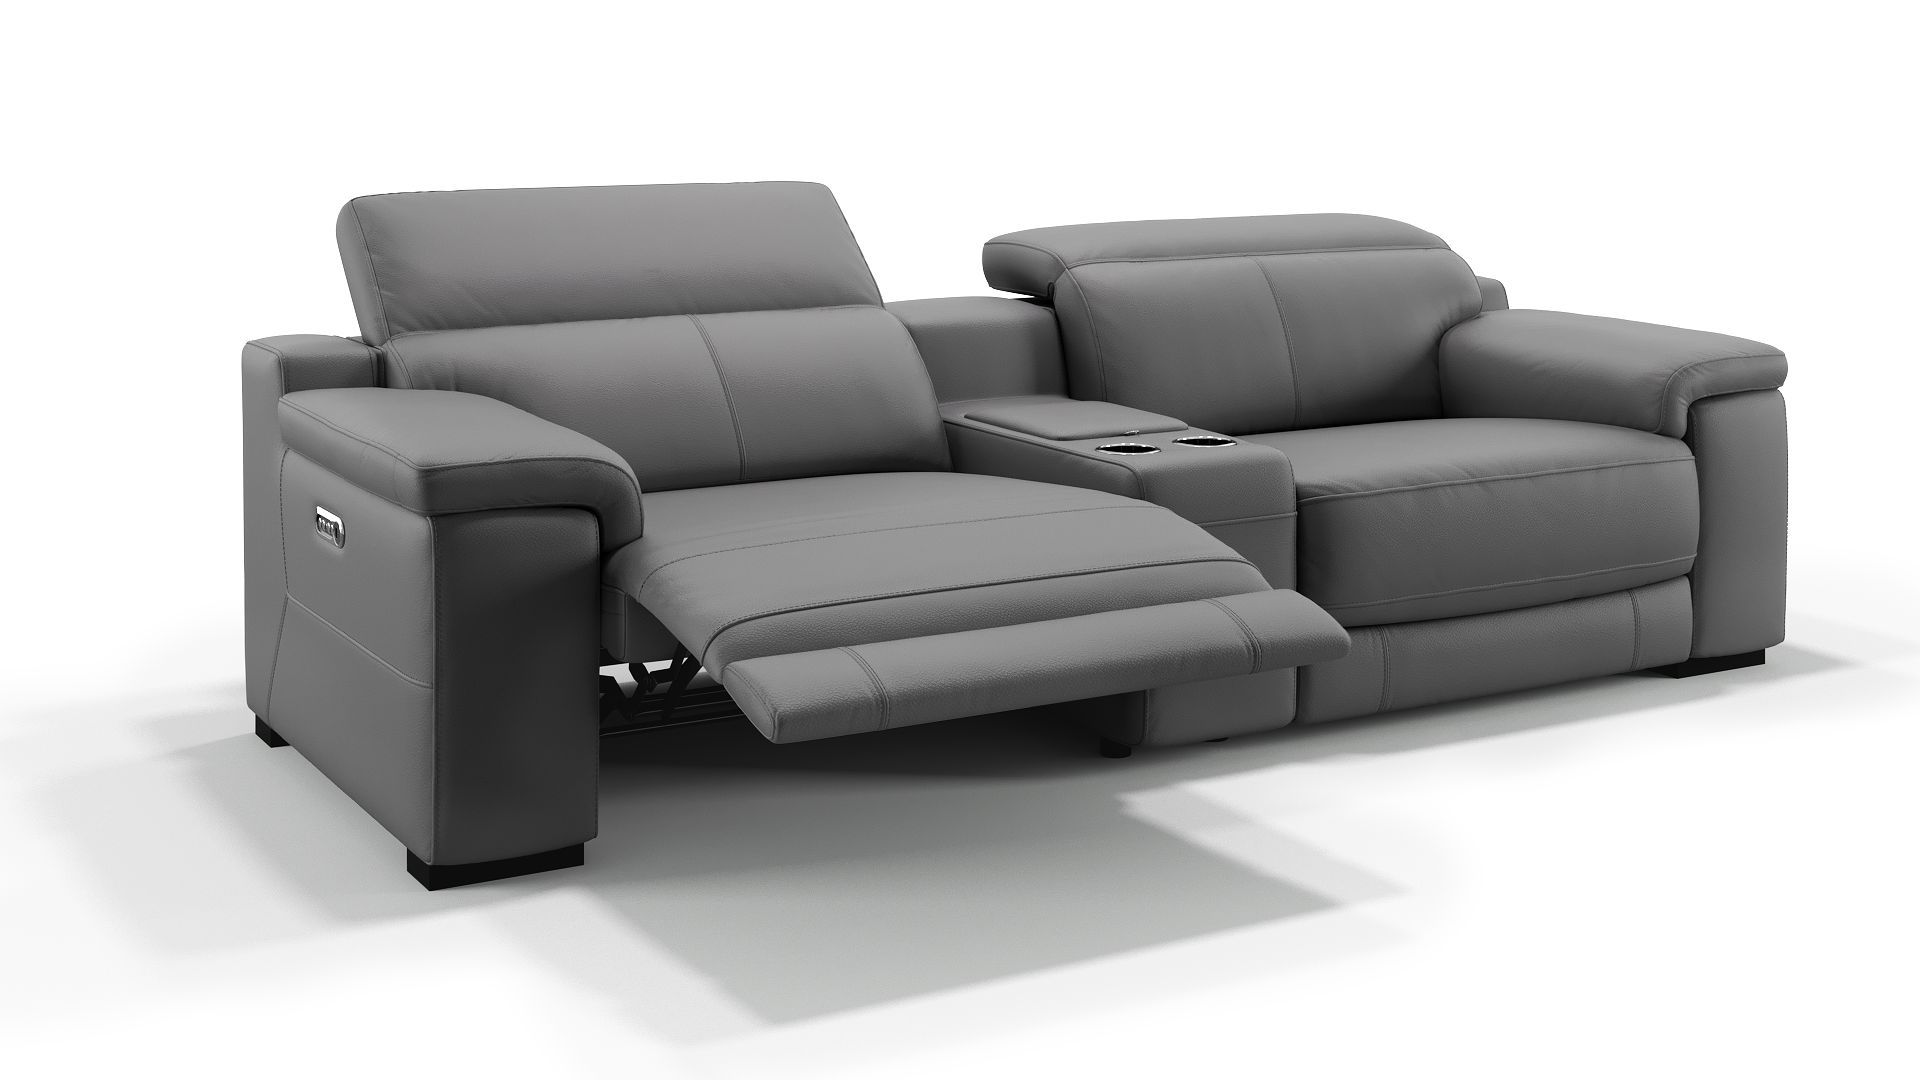 Full Size of Heimkino Sofa Details Elektrische Relaxfunktion Per Knopfdruck An Beiden Sitzen Mit Elektrischer Sitztiefenverstellung Landhausstil Bettkasten Boxspring Sofa Heimkino Sofa